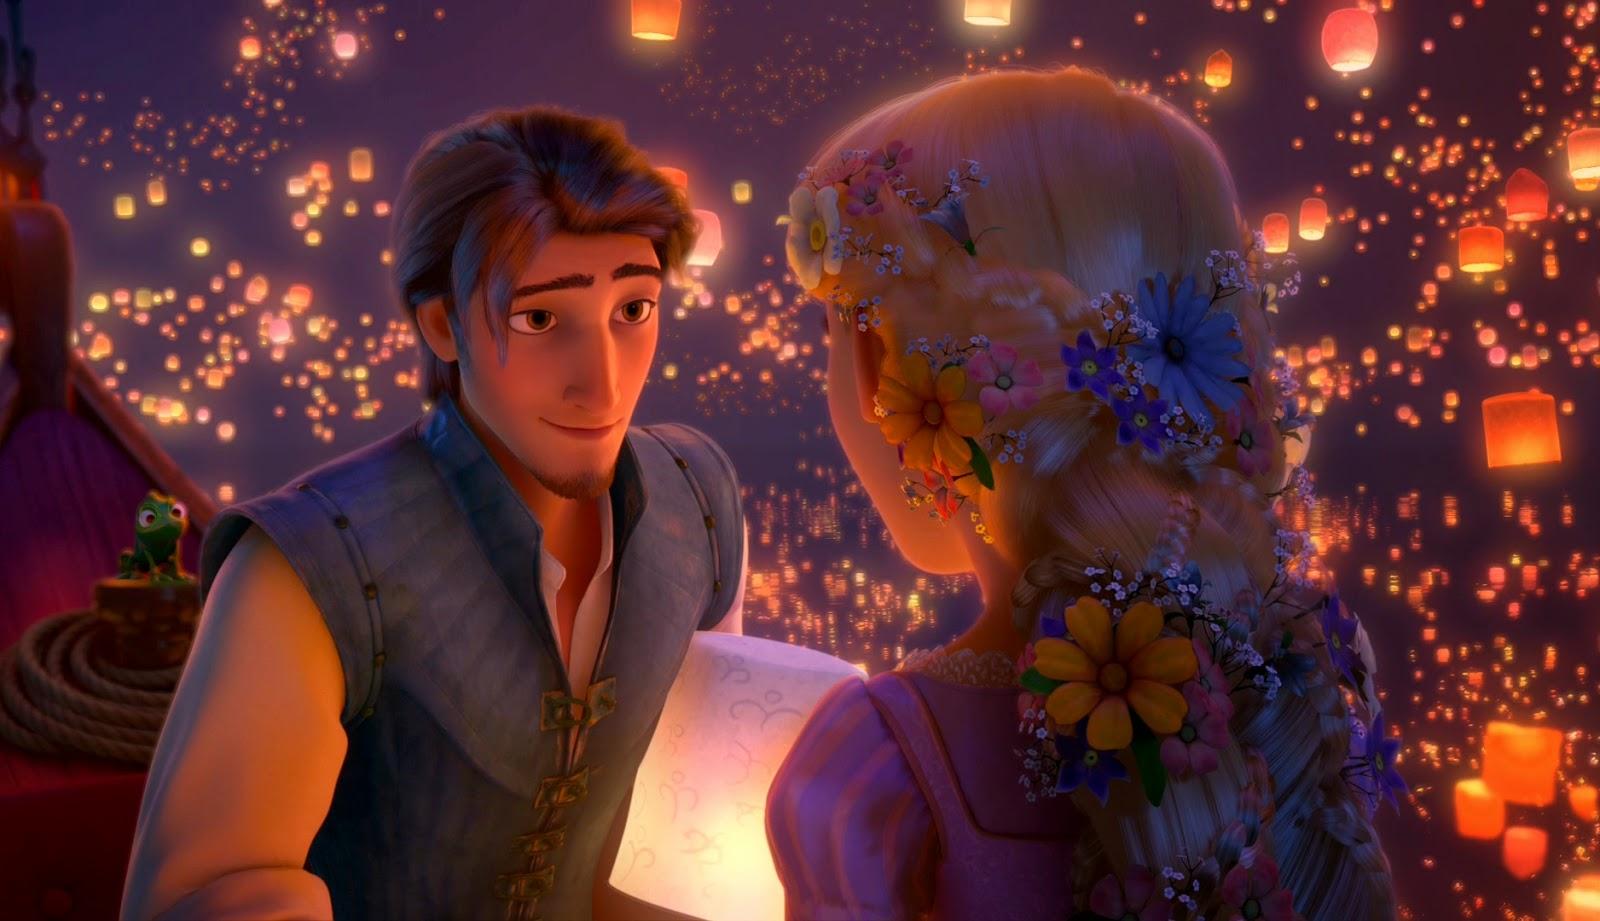 Rapunzel Wallpaper HD - WallpaperSafari